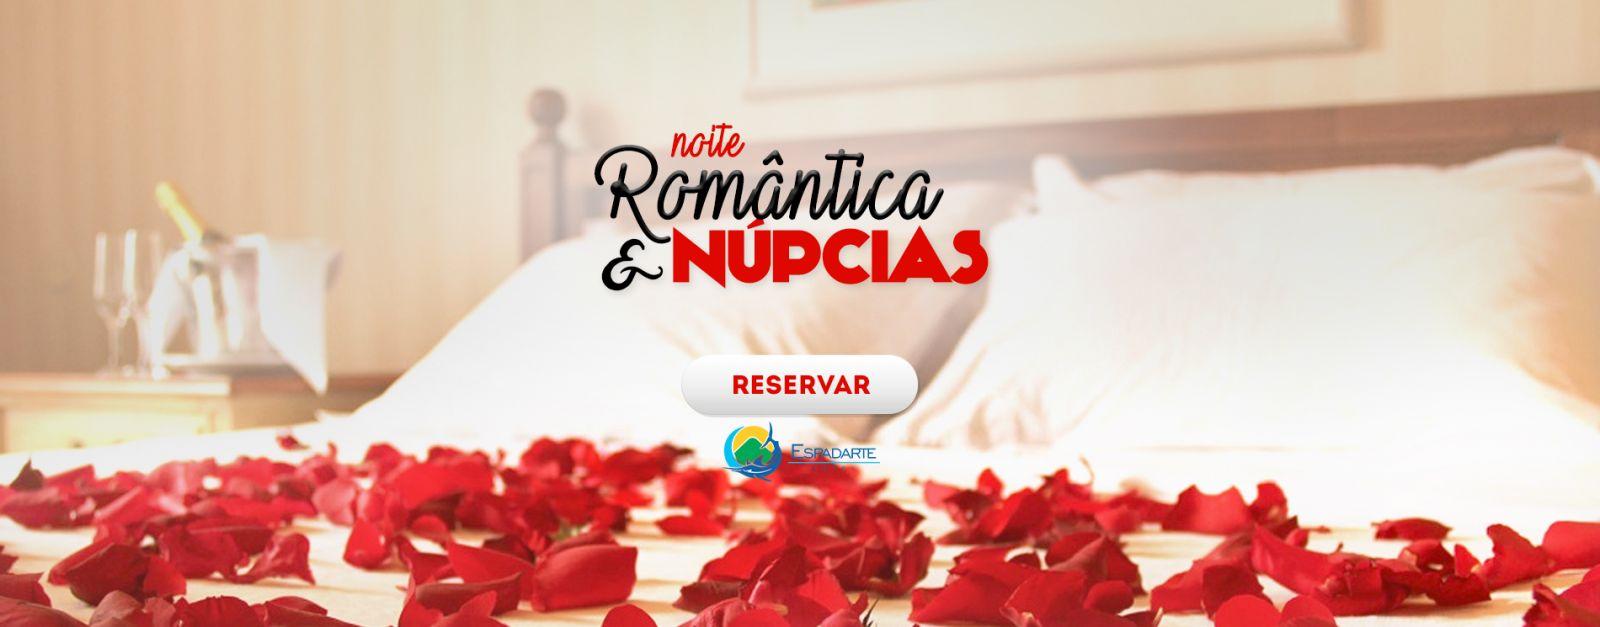 banner_nupcias